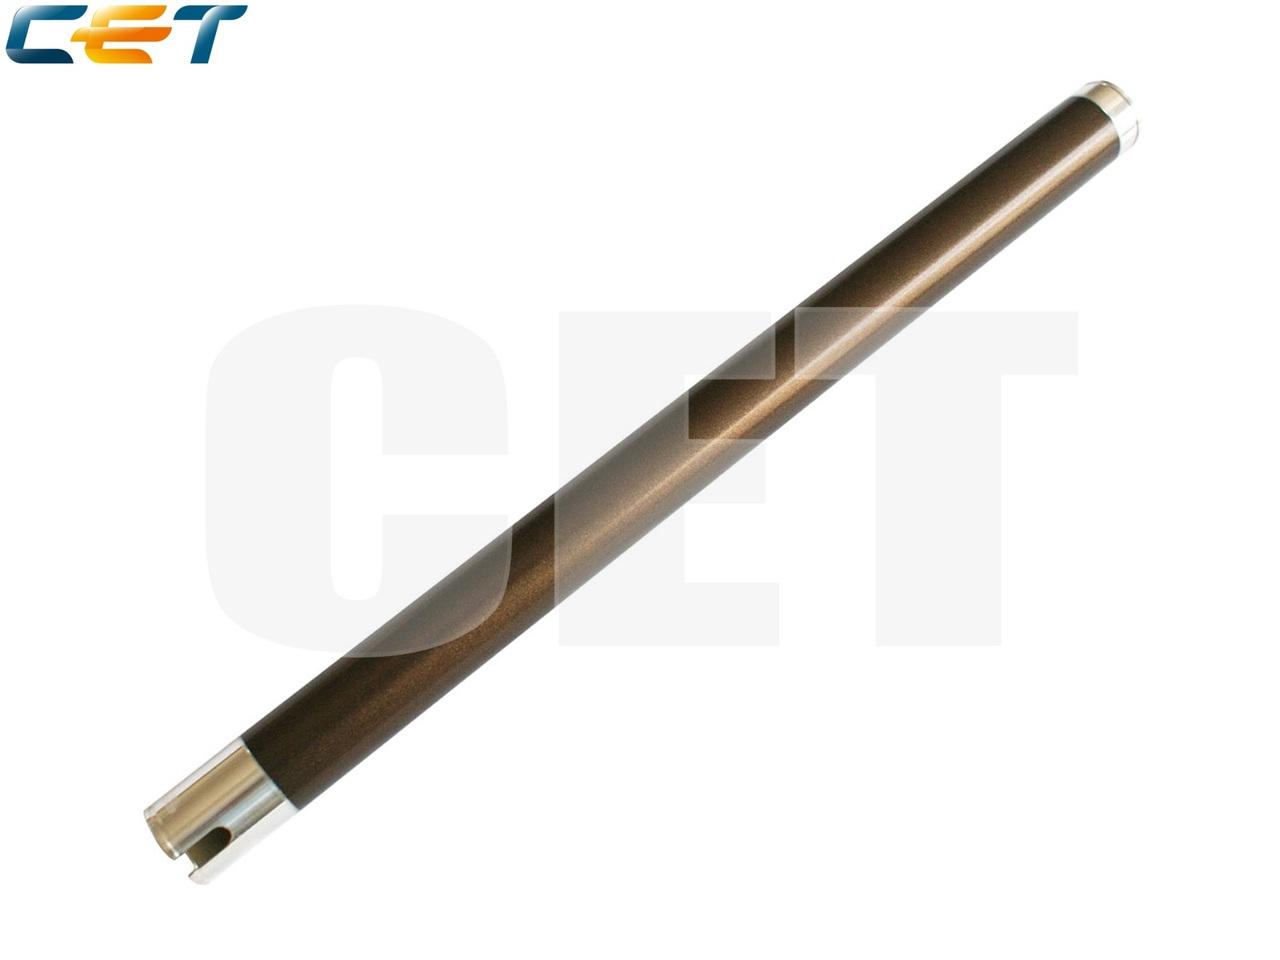 Тефлоновый вал 4021-5701-02 для KONICA MINOLTA Bizhub162/163/180/210/220 (CET), CET3022